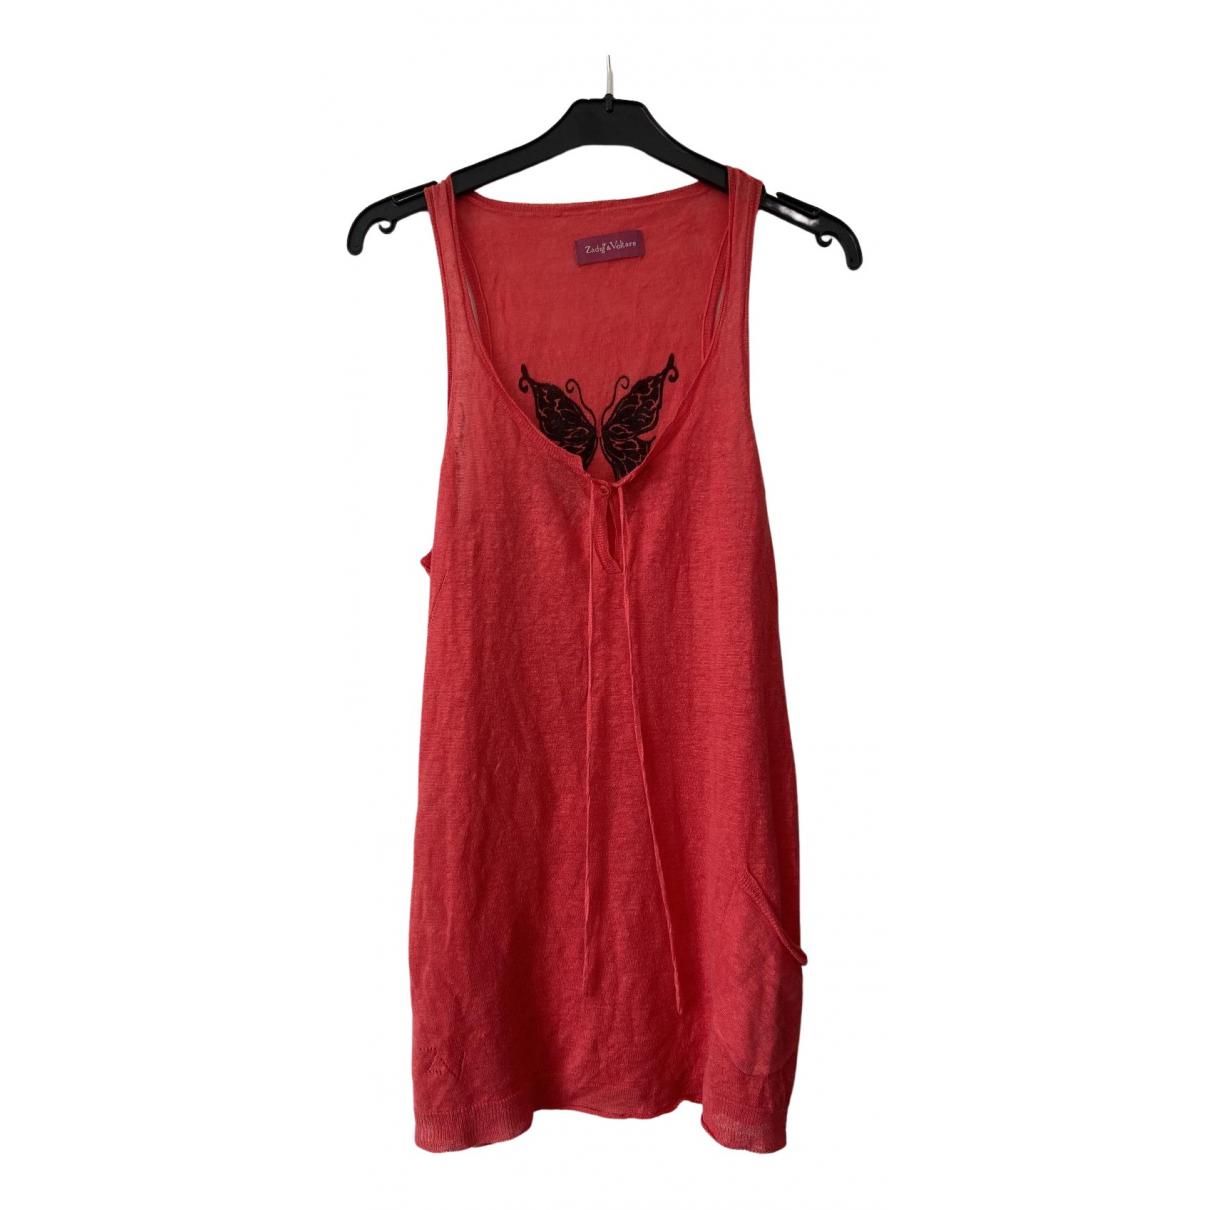 Zadig & Voltaire - Top   pour femme en lin - rouge